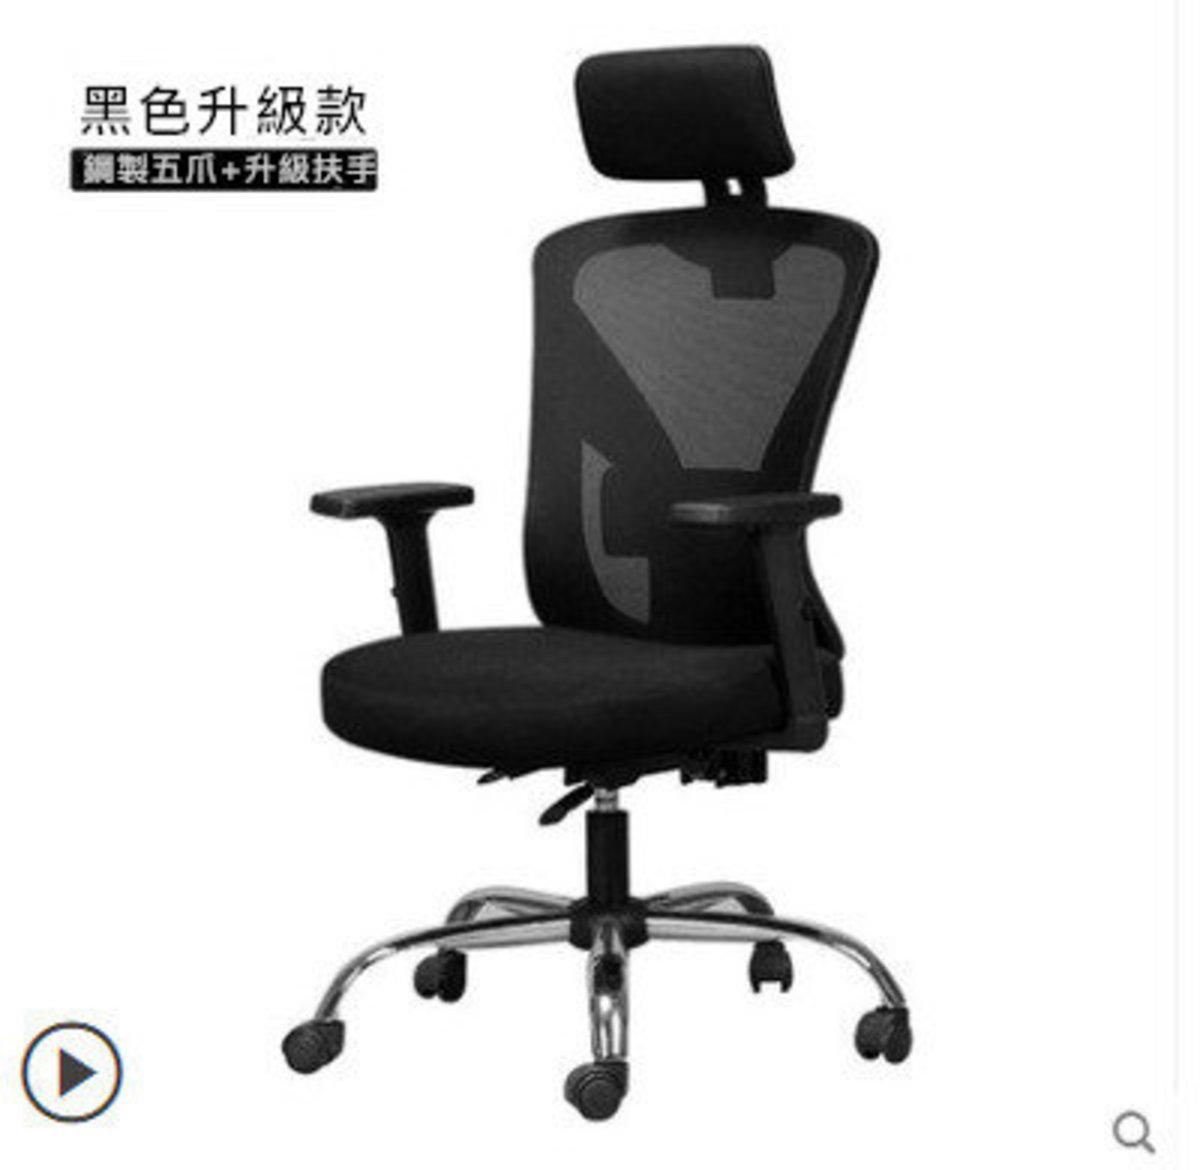 簡約電腦辦公靠背可躺轉椅 - 黑色升級款 (鋼製五爪+升級扶手)